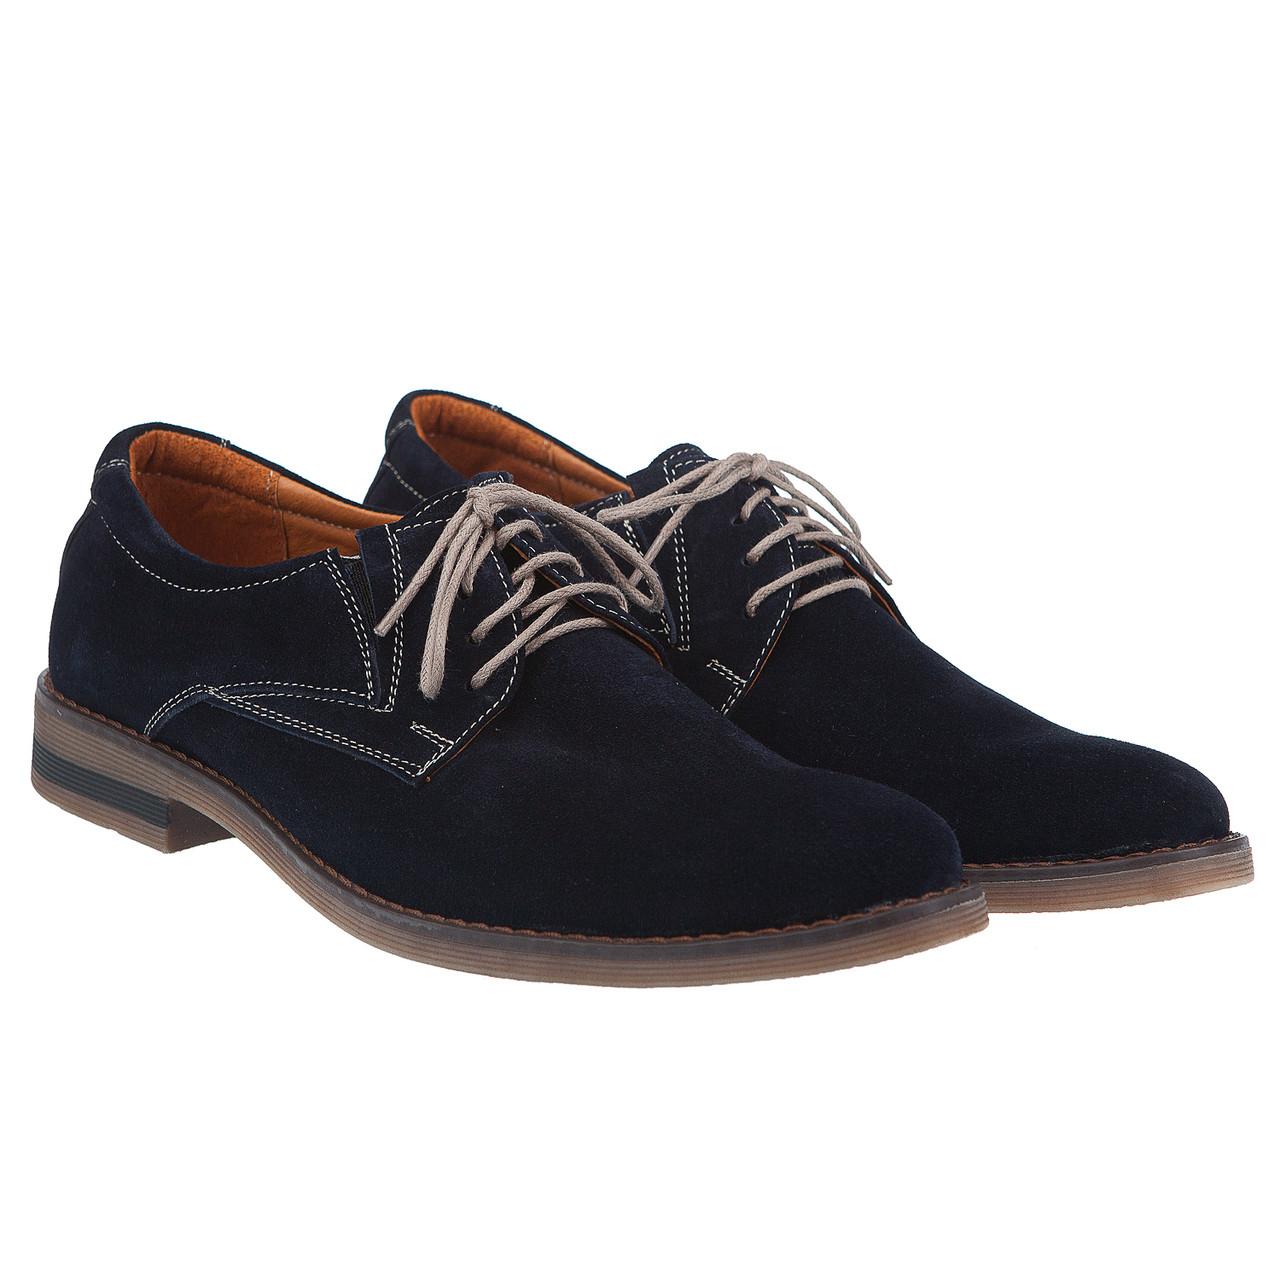 b2b3a5a5c Купить Замшевые мужские туфли синего цвета от Zlett недорого в ...